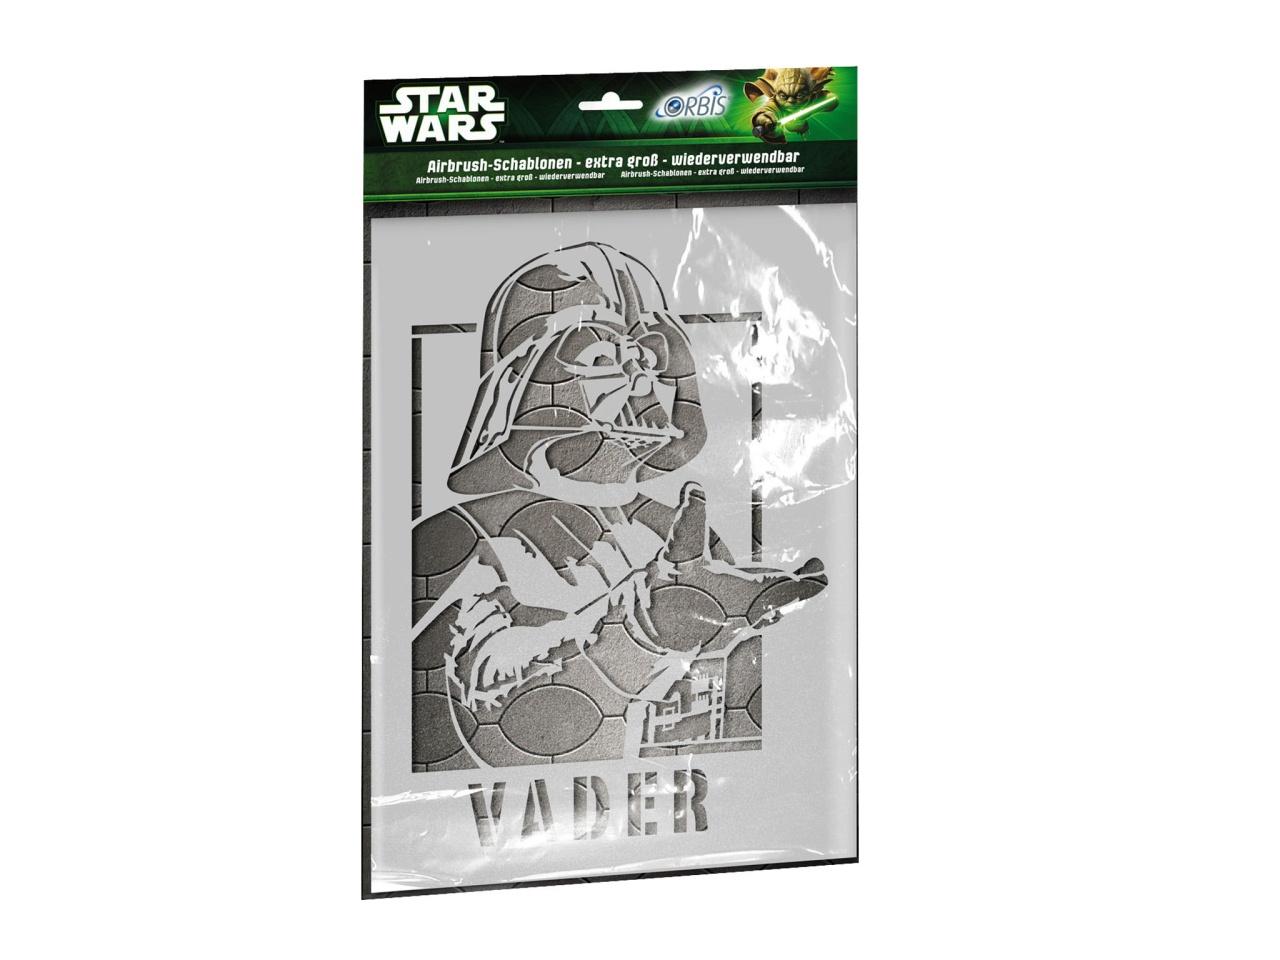 Orbis Schablone Star Wars Darth Vader